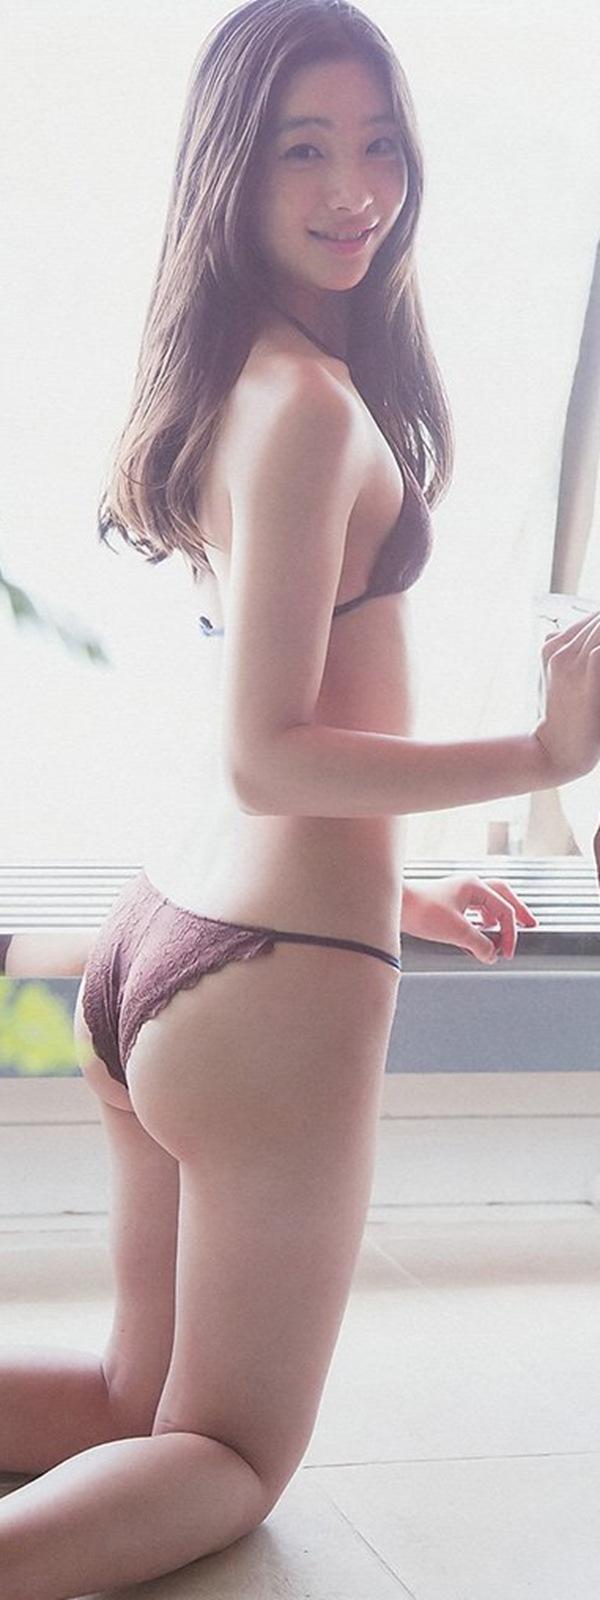 【足立梨花】